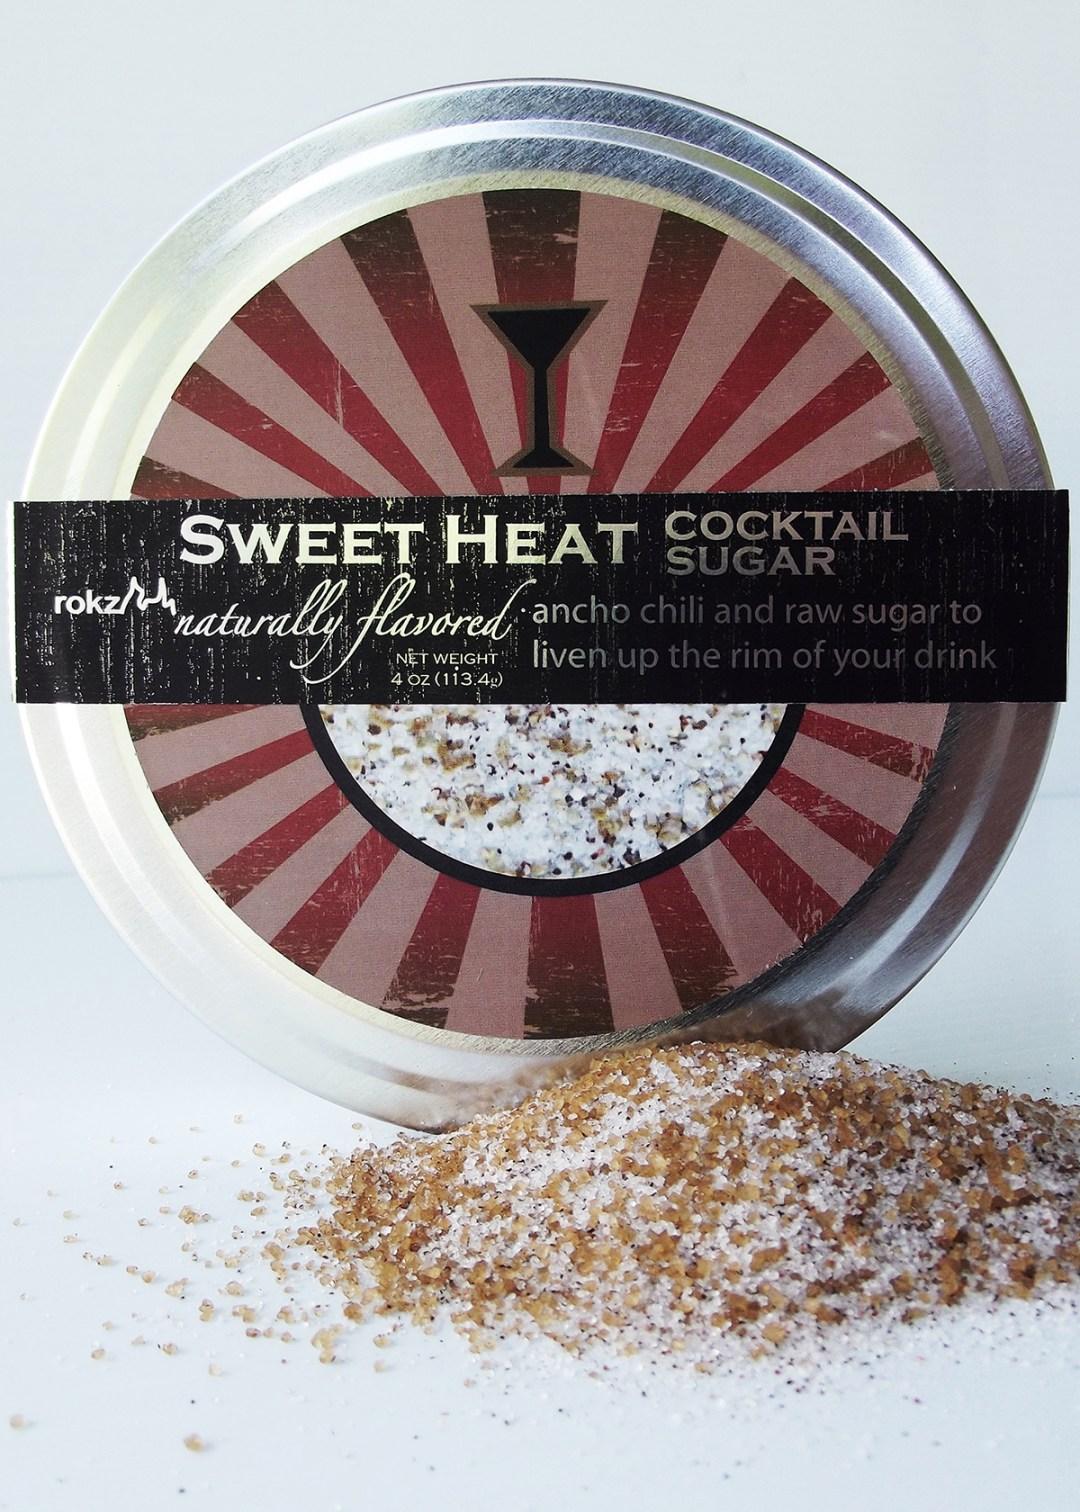 rokz Sweet Heat Cocktail Sugar